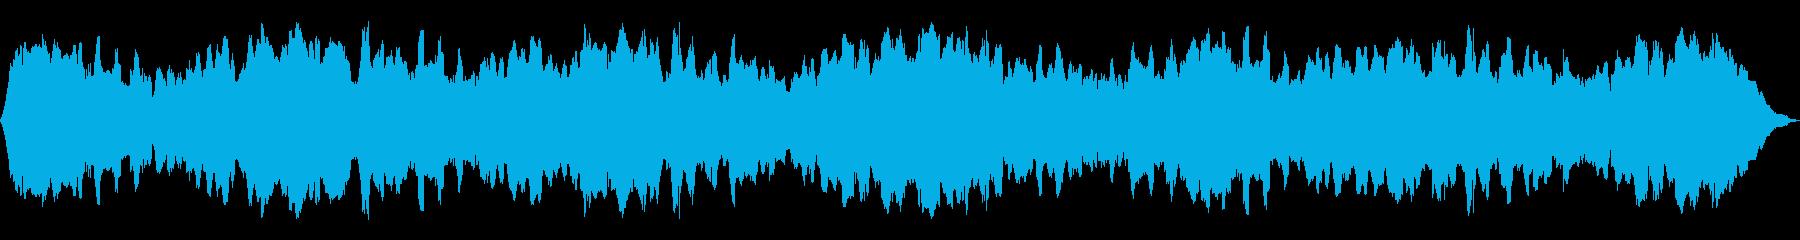 ホロースイープメタリックドローン、...の再生済みの波形